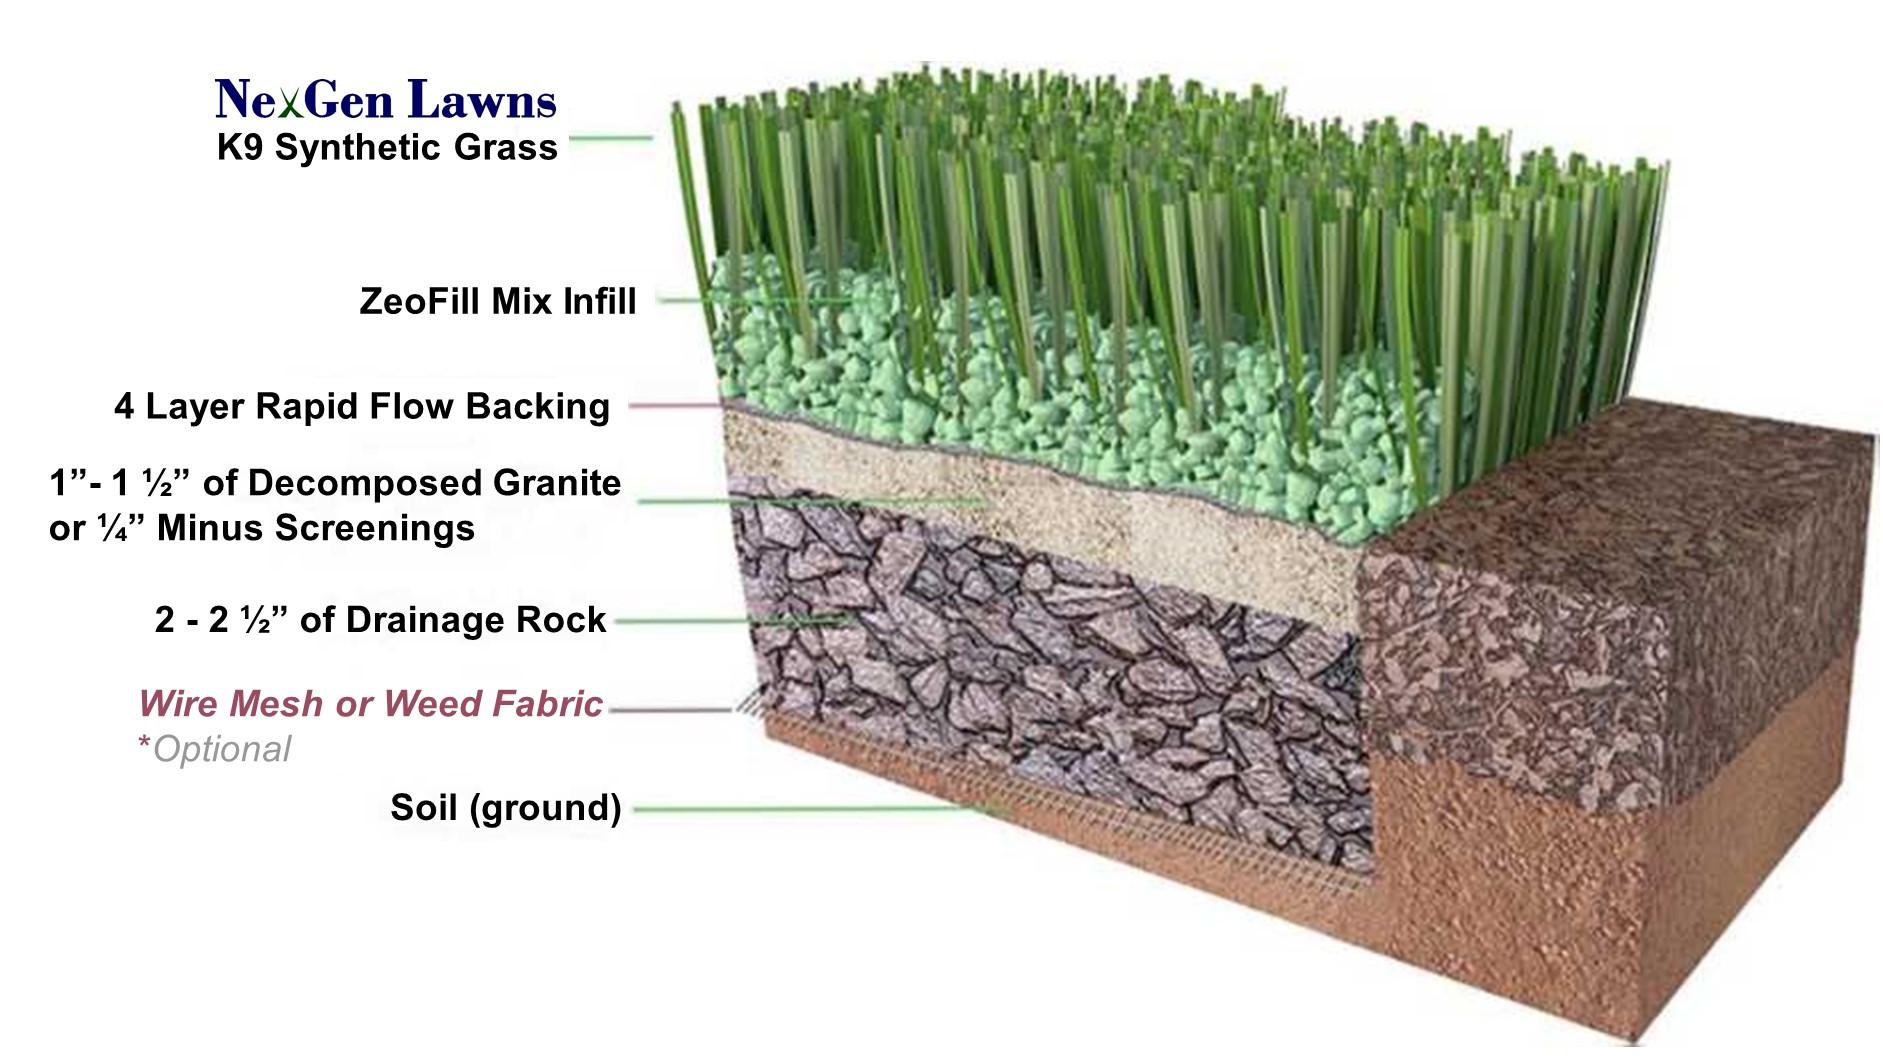 NexGen Lawns Artificial Grass For Dogs